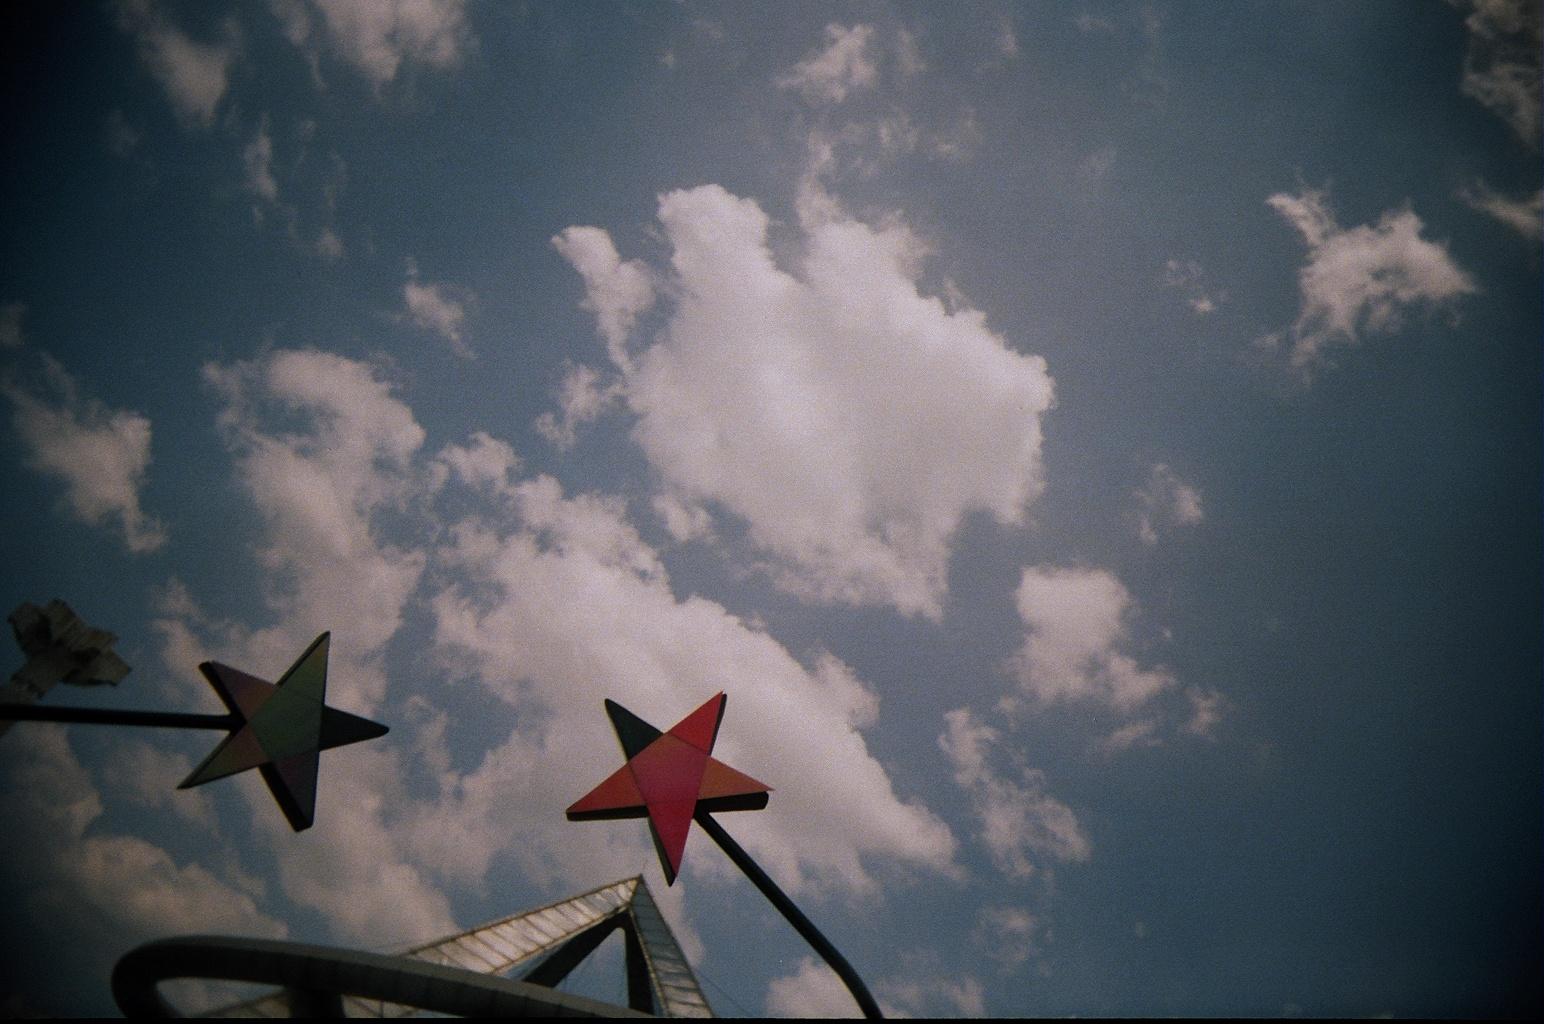 201006: 대전 / 꿈, 별, 하늘